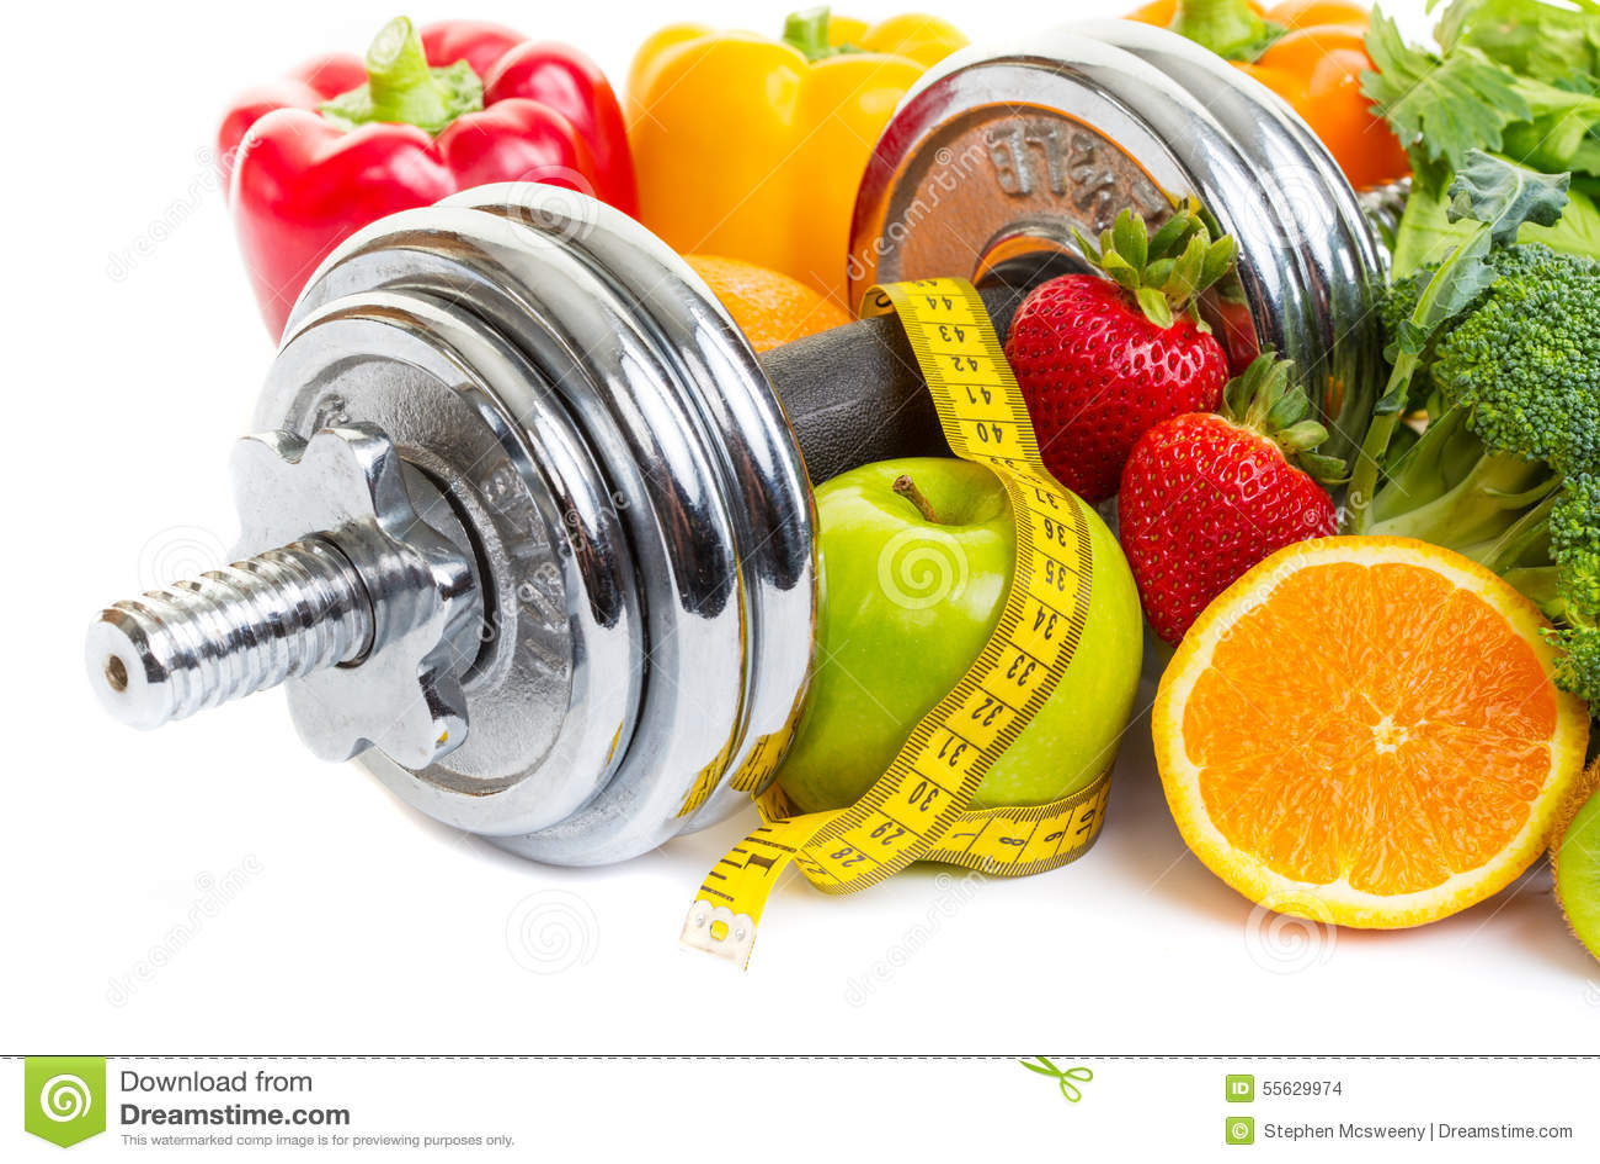 Концепция диета спорт — стоковое фото © janpietruszka #160081278.